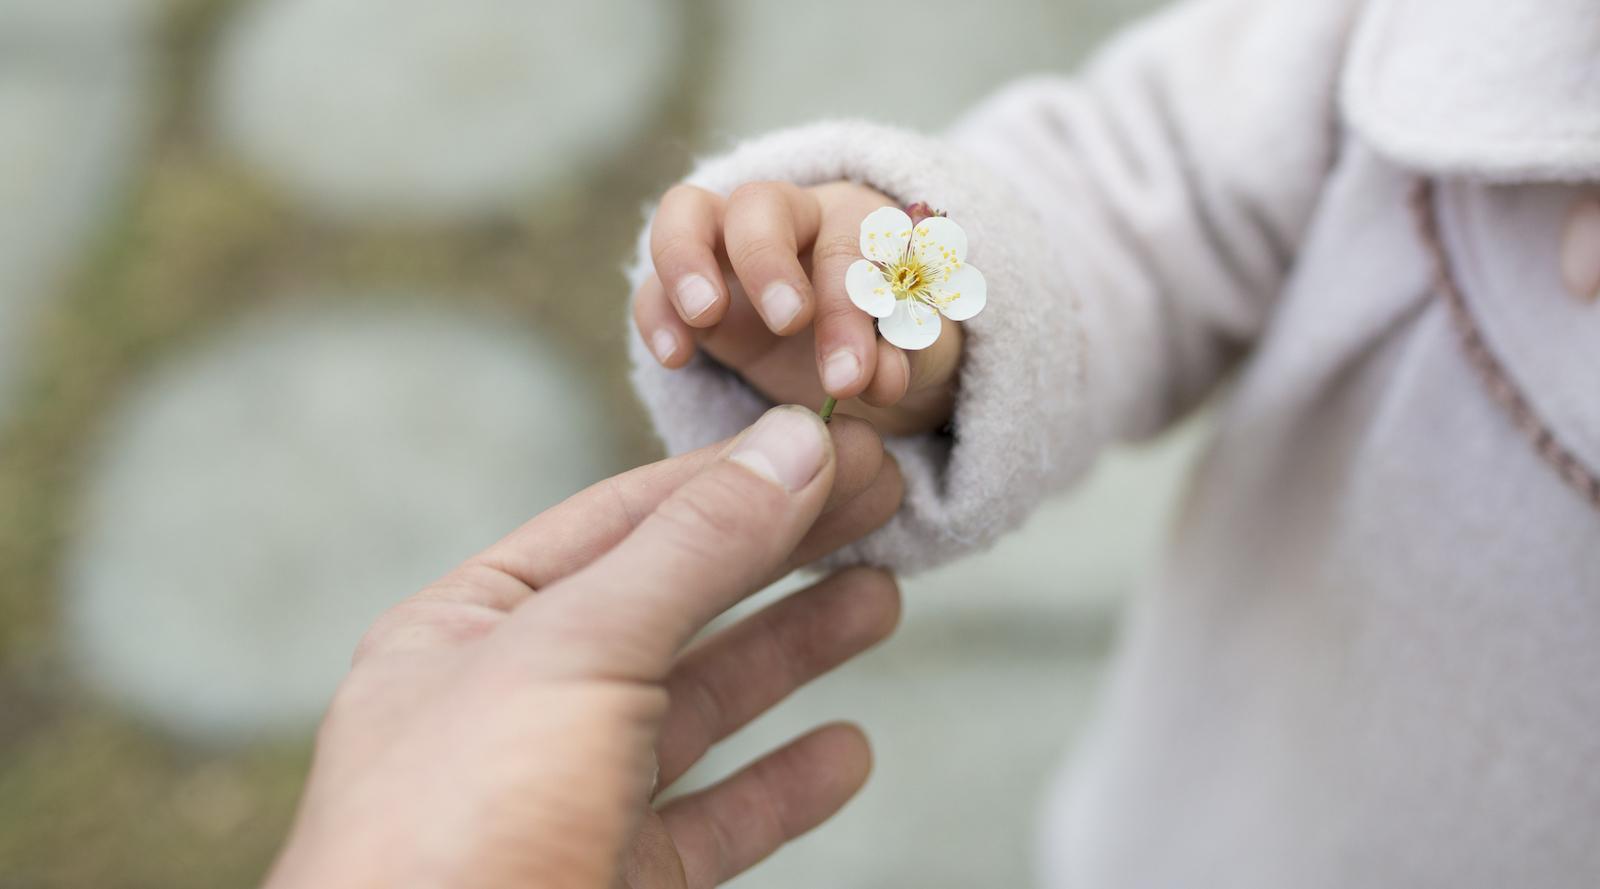 perche-la-gratitudine-importante-e-ti-cambia-la-vita